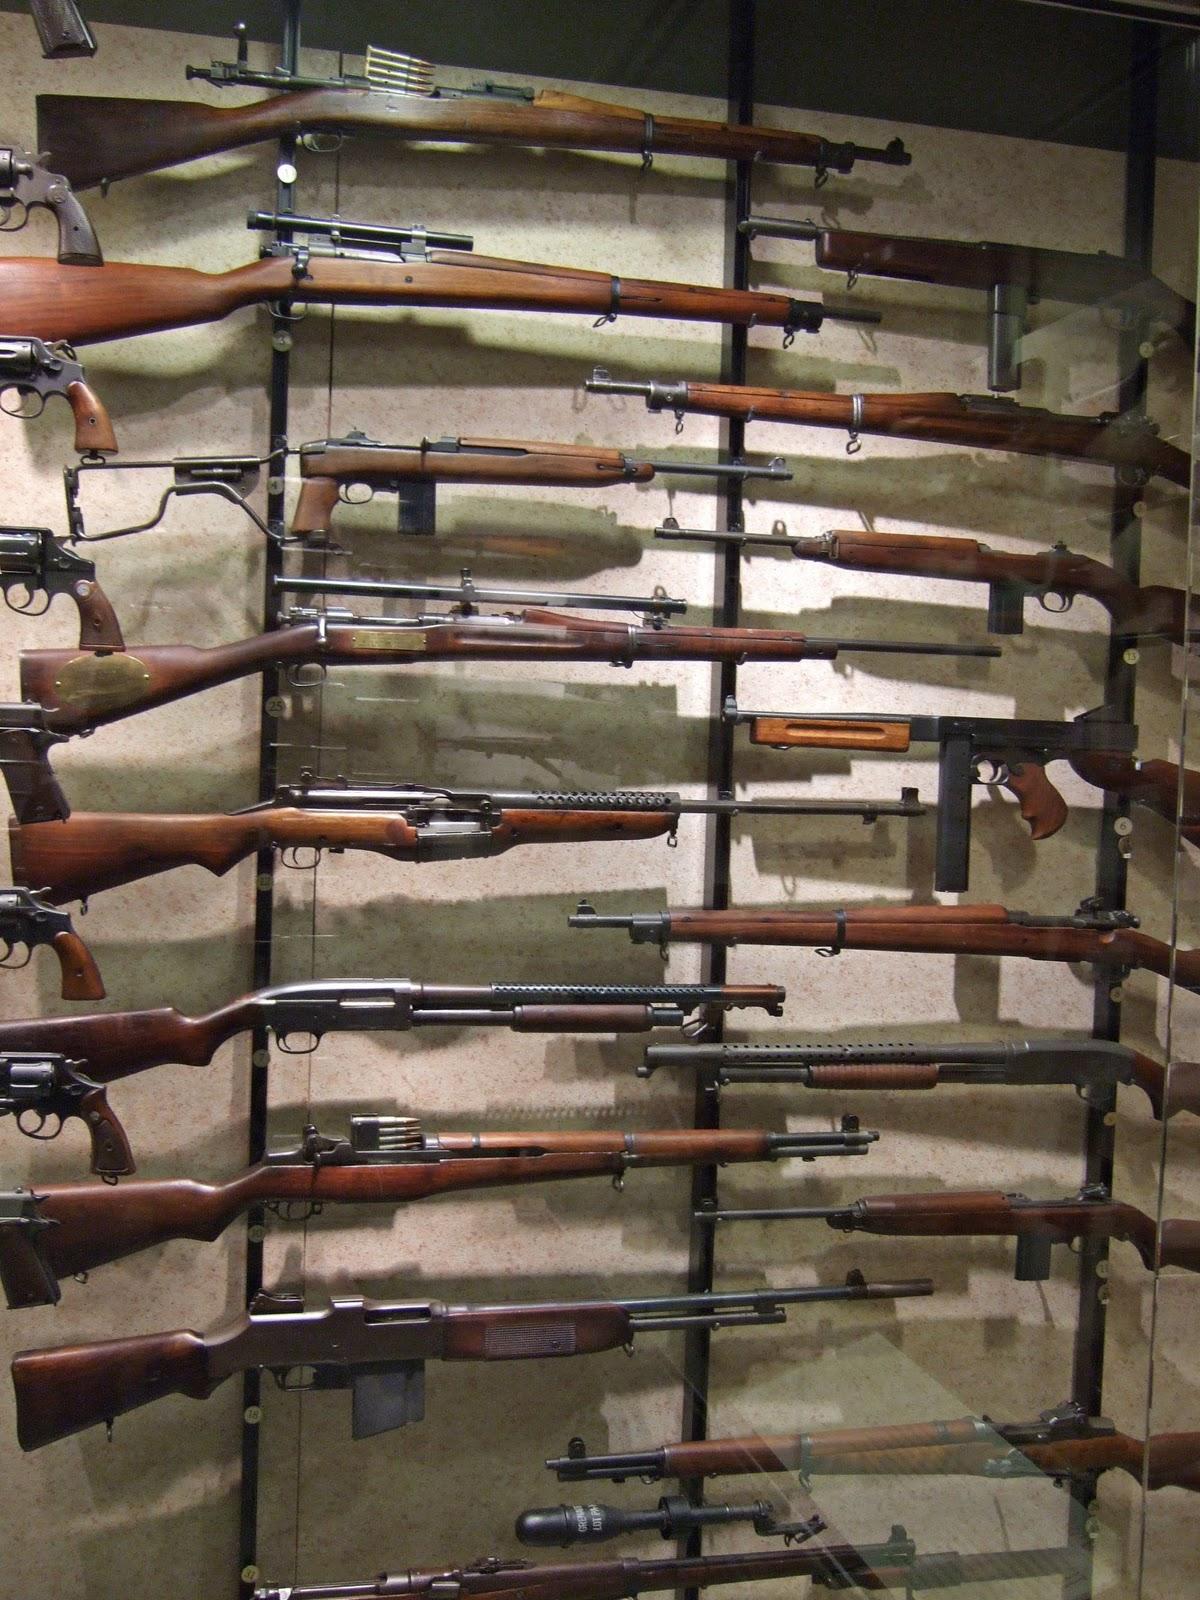 puissance en joules armes a feu